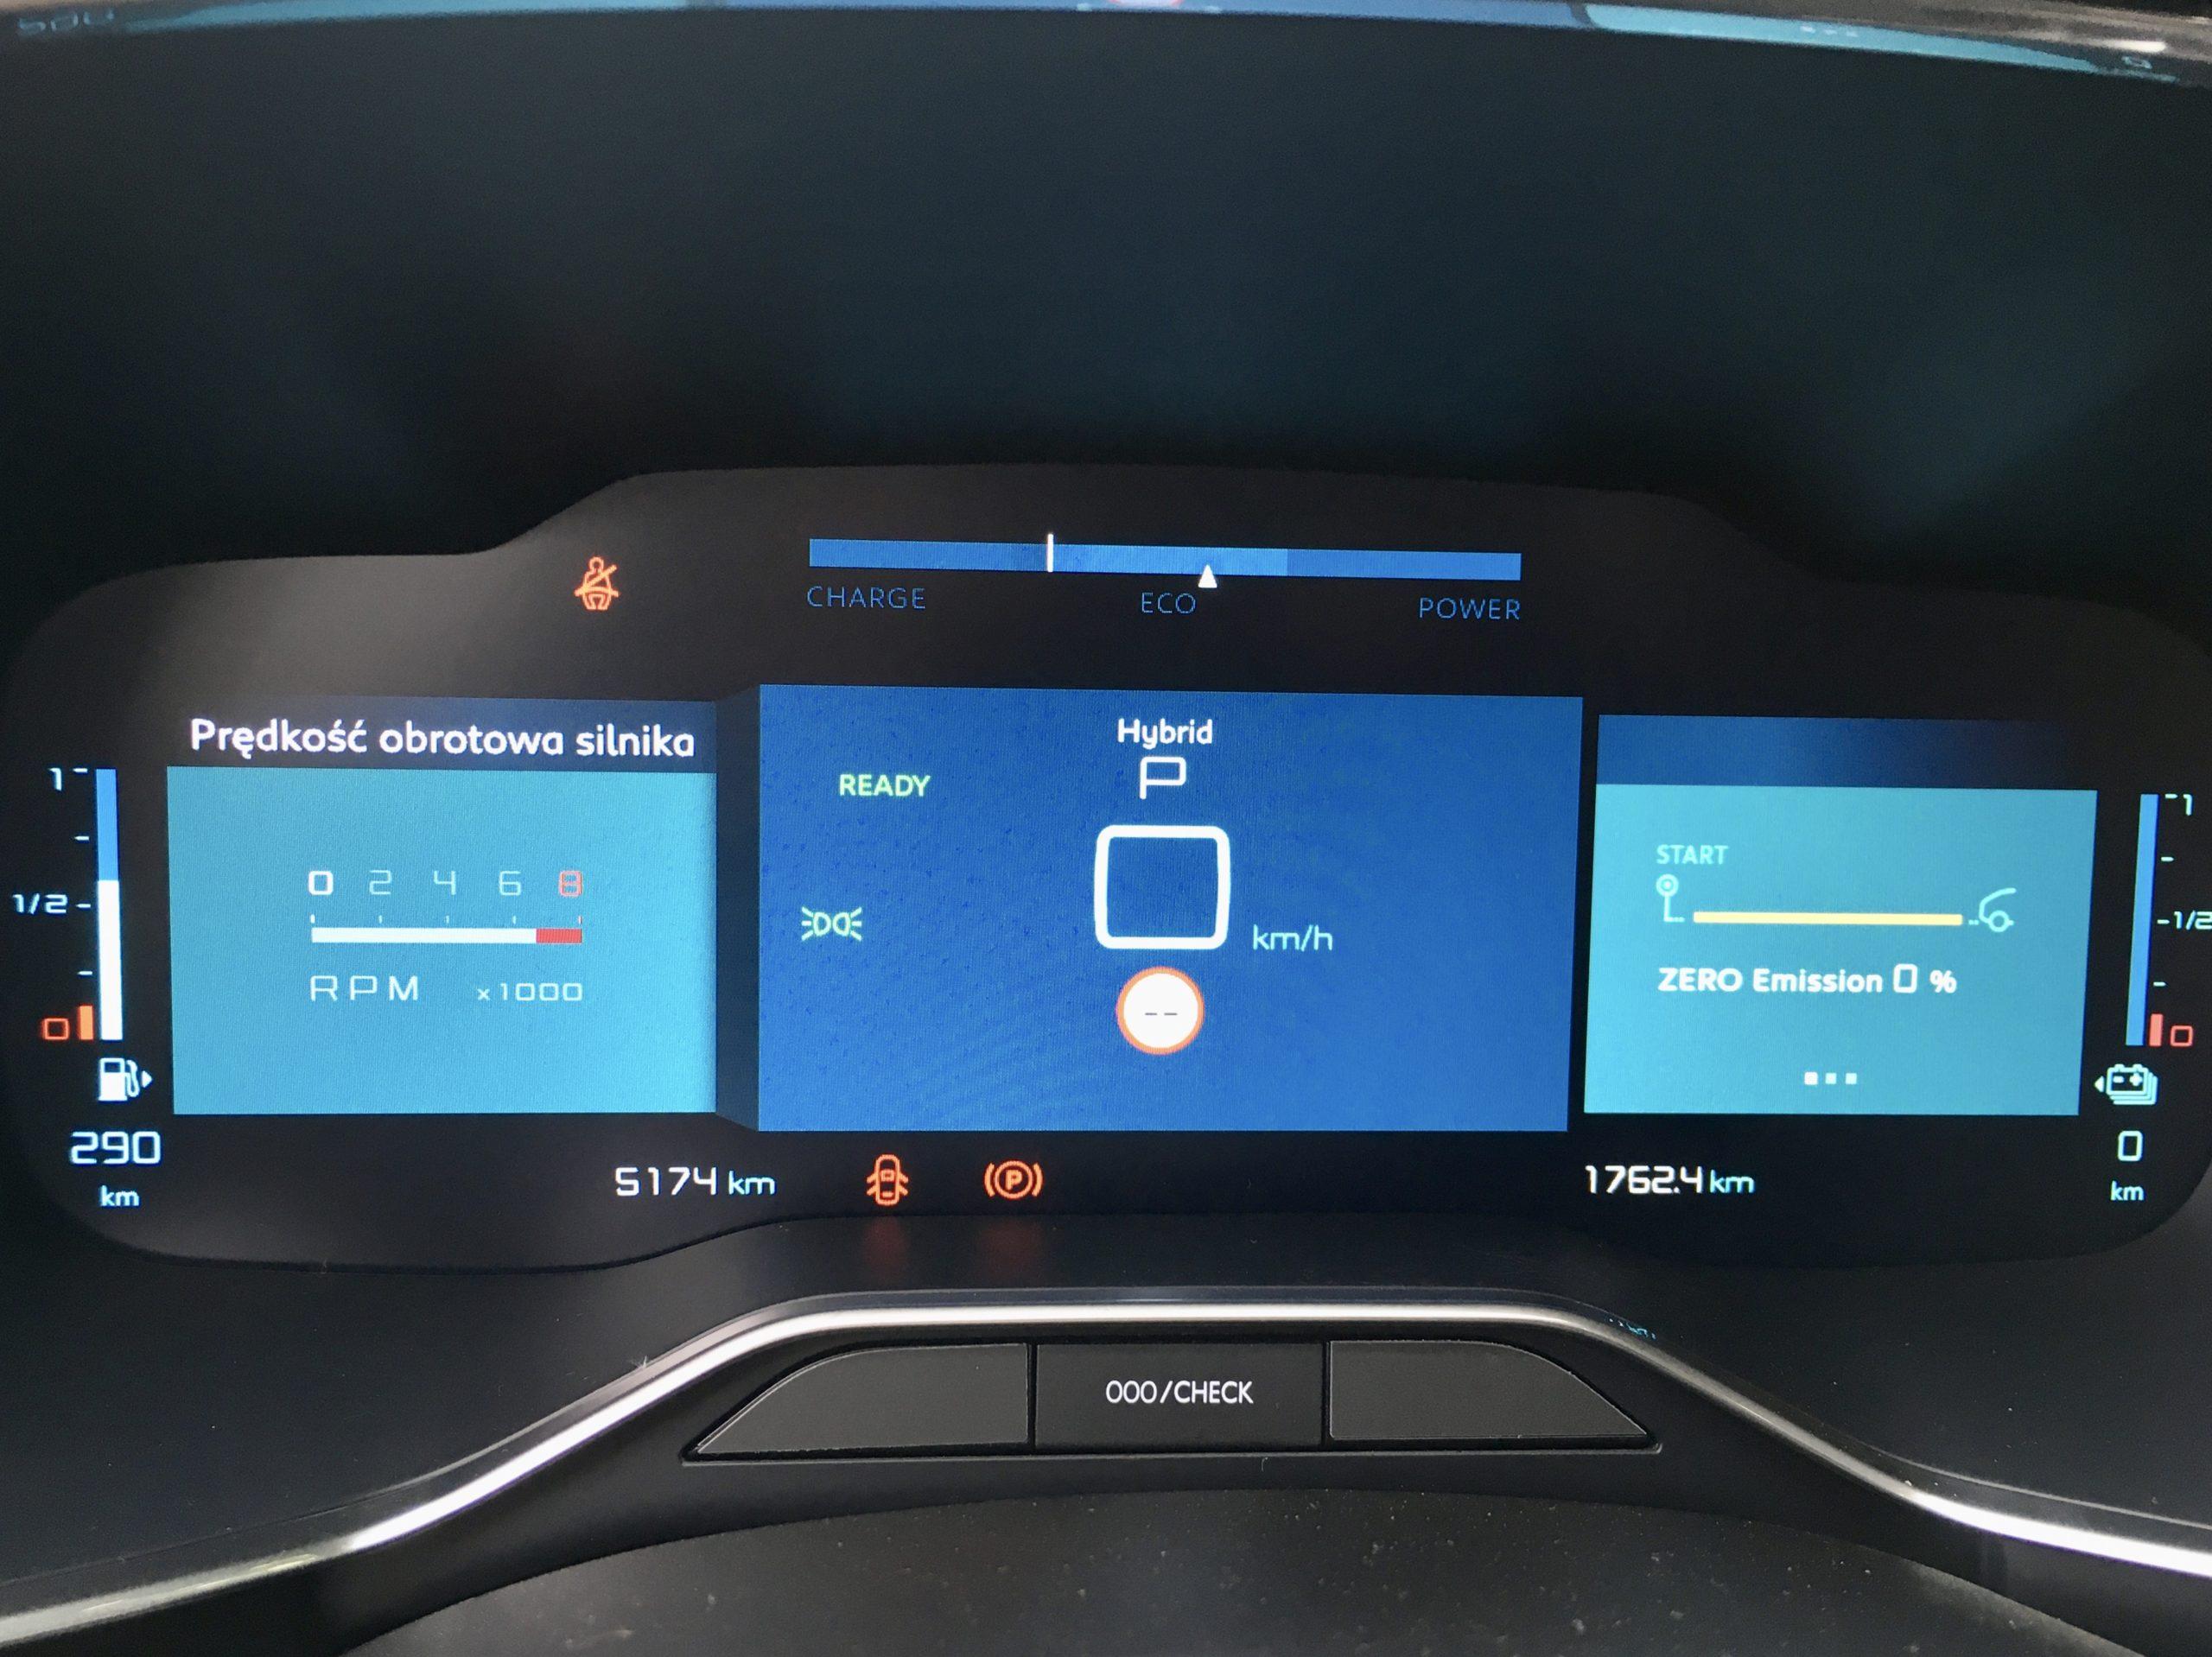 Kierowca C5 Aircross jest dobrze informowany o parametrach jazdy